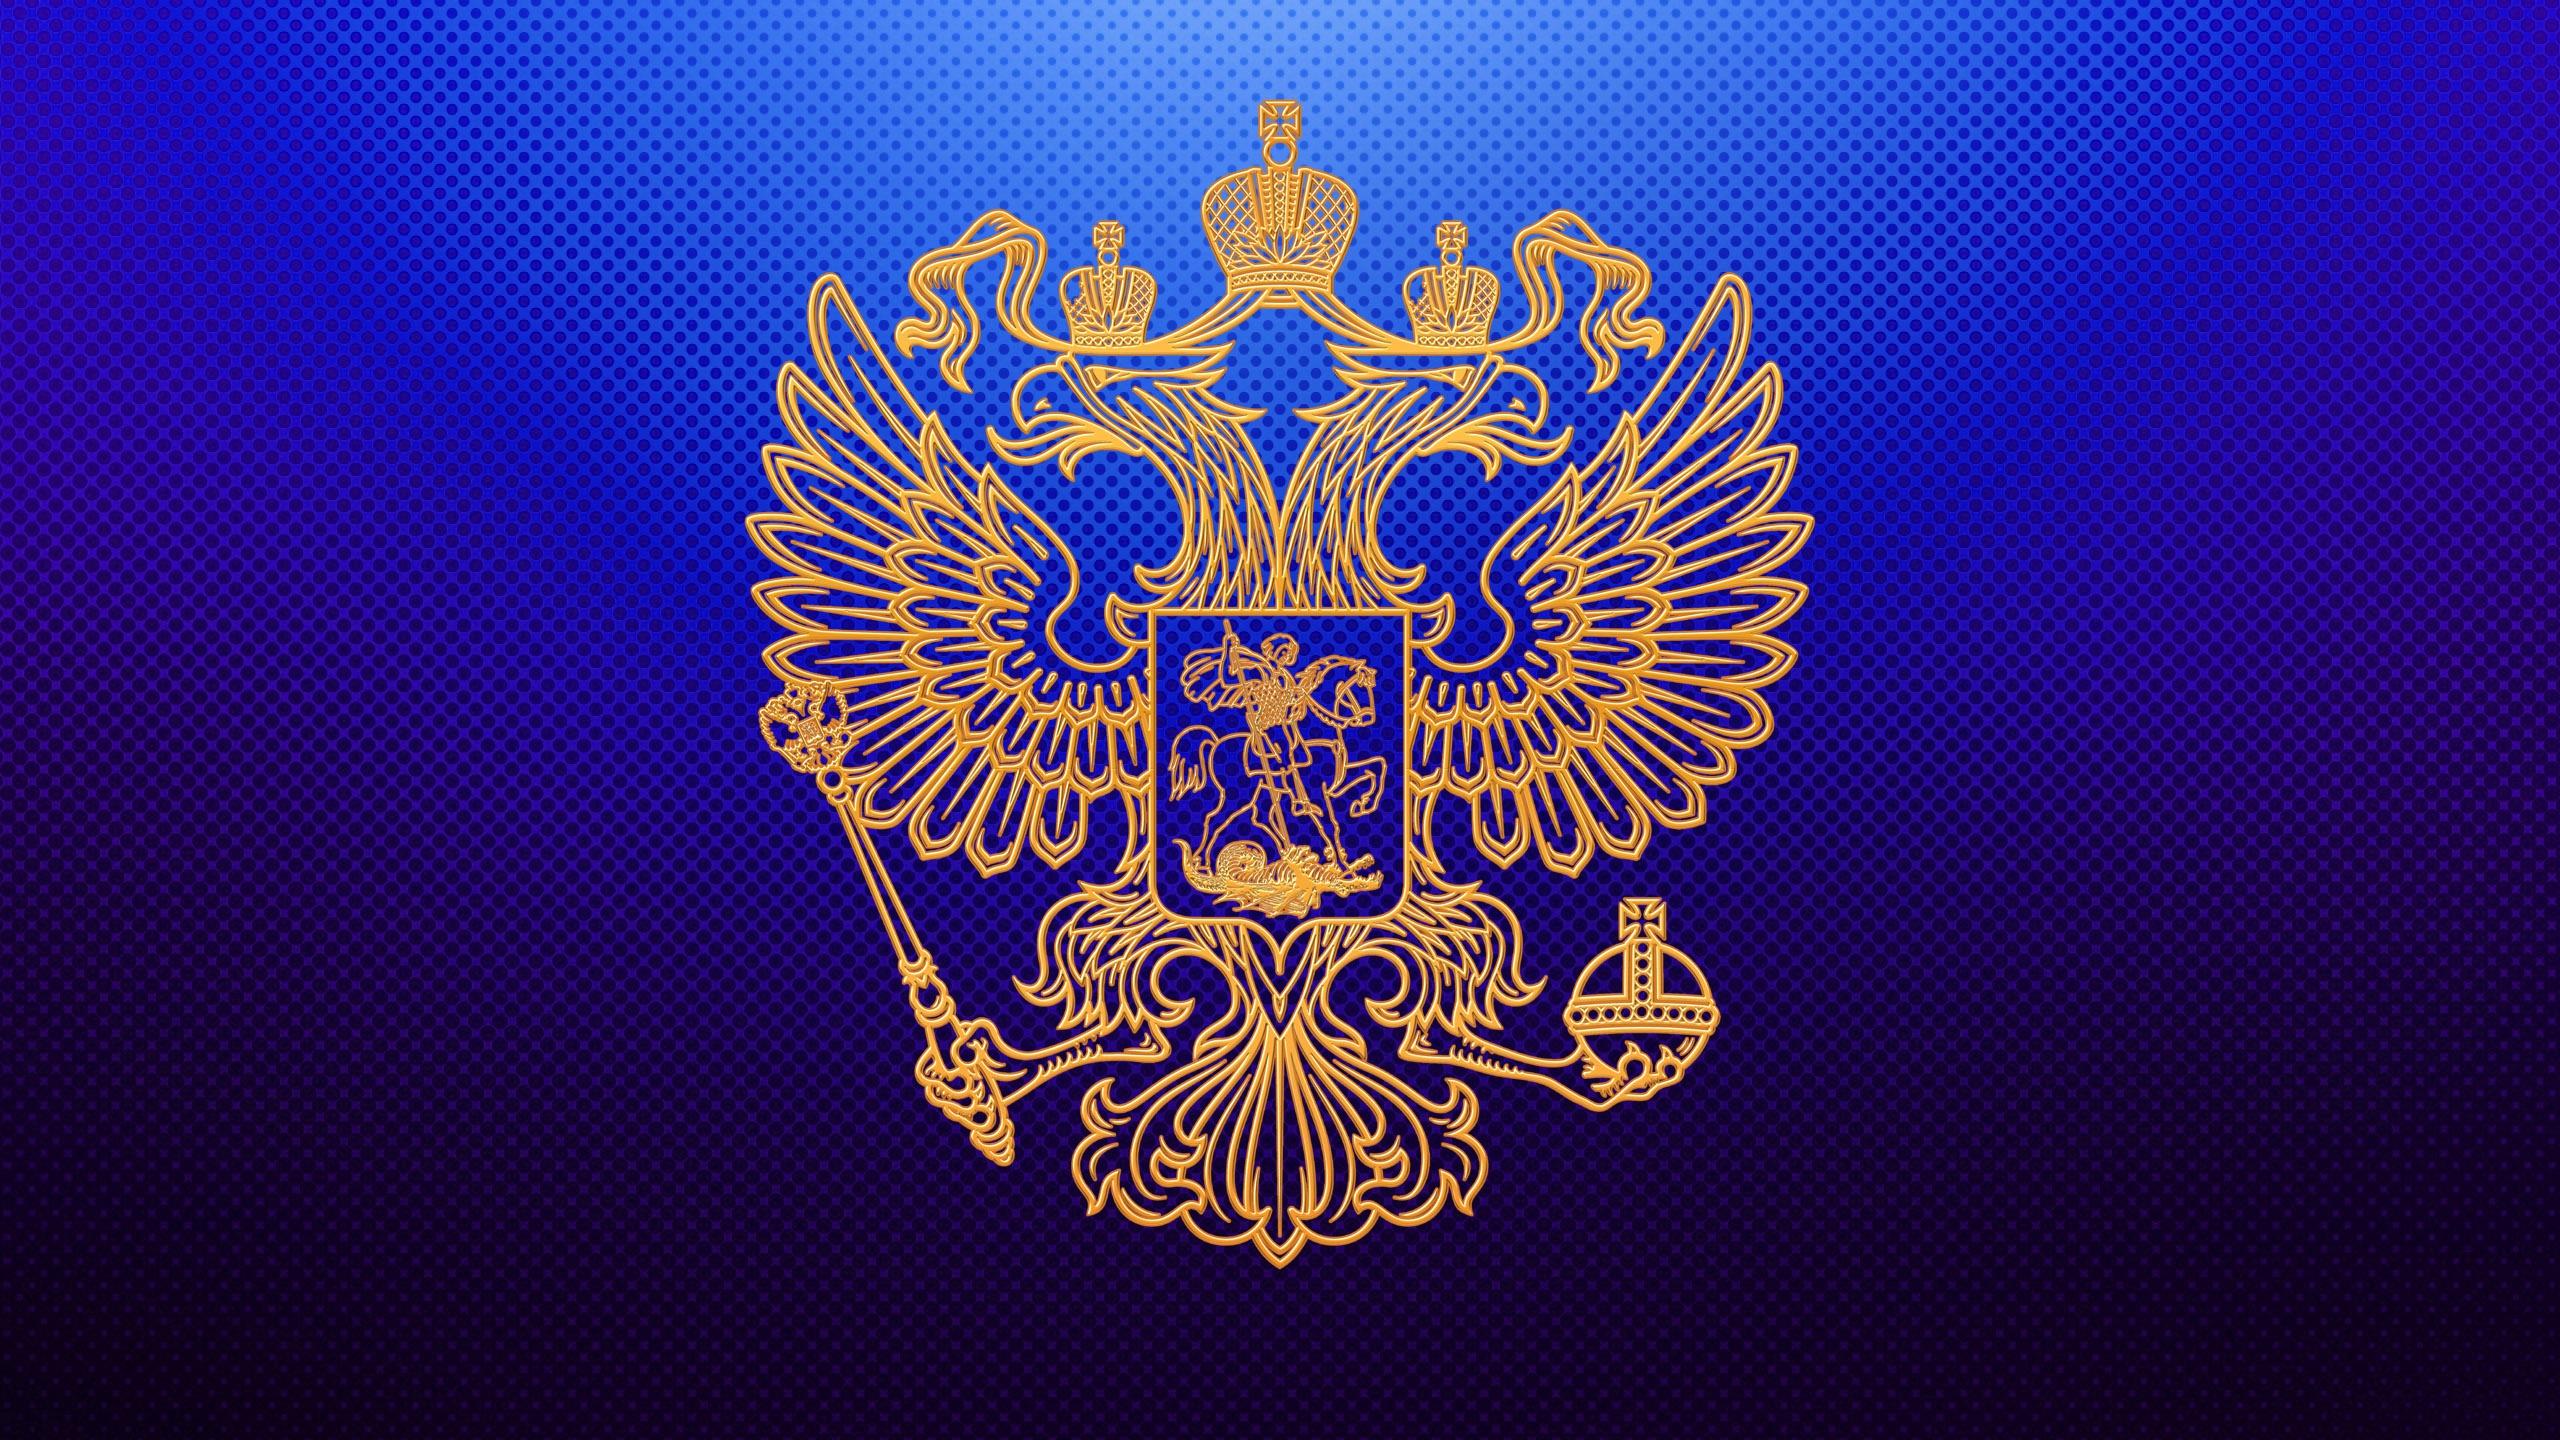 скачать обои на рабочий стол герб россии бесплатно 1366х768 № 170819 бесплатно